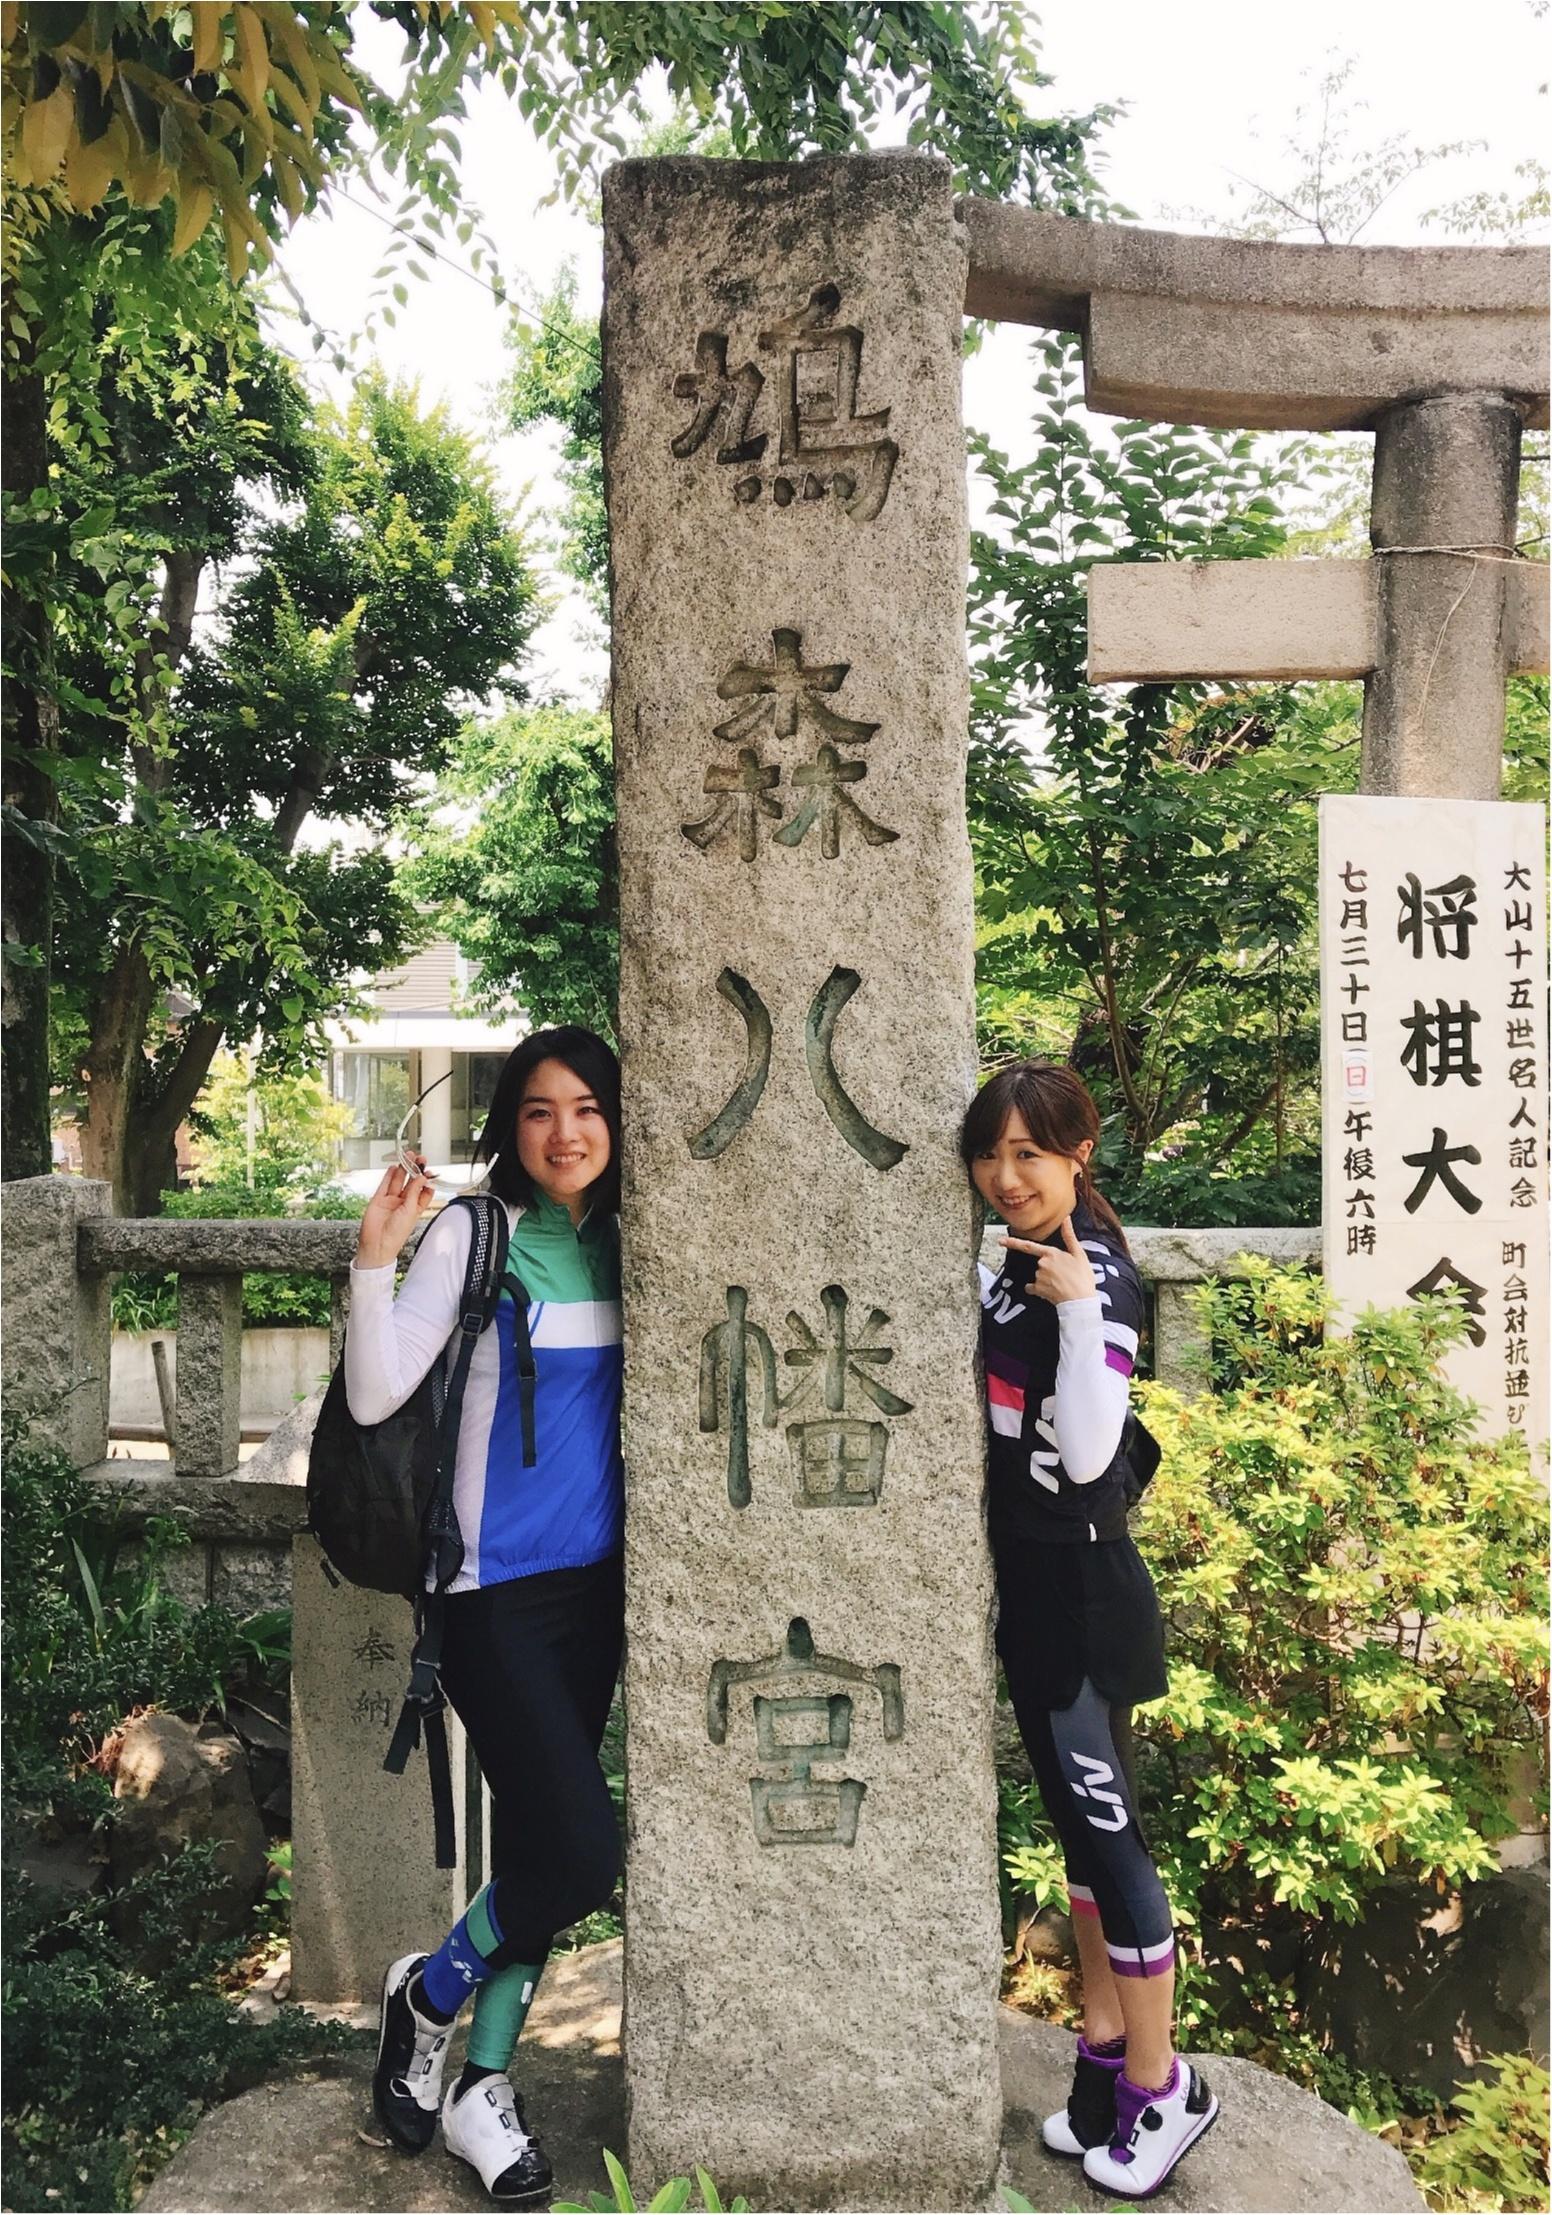 「ツール・ド・東北」に向けて…ロードバイク自主トレ!20〜30キロで行けた♡神社・お寺を全部見せ☻【#モアチャレ さえ】_1_3